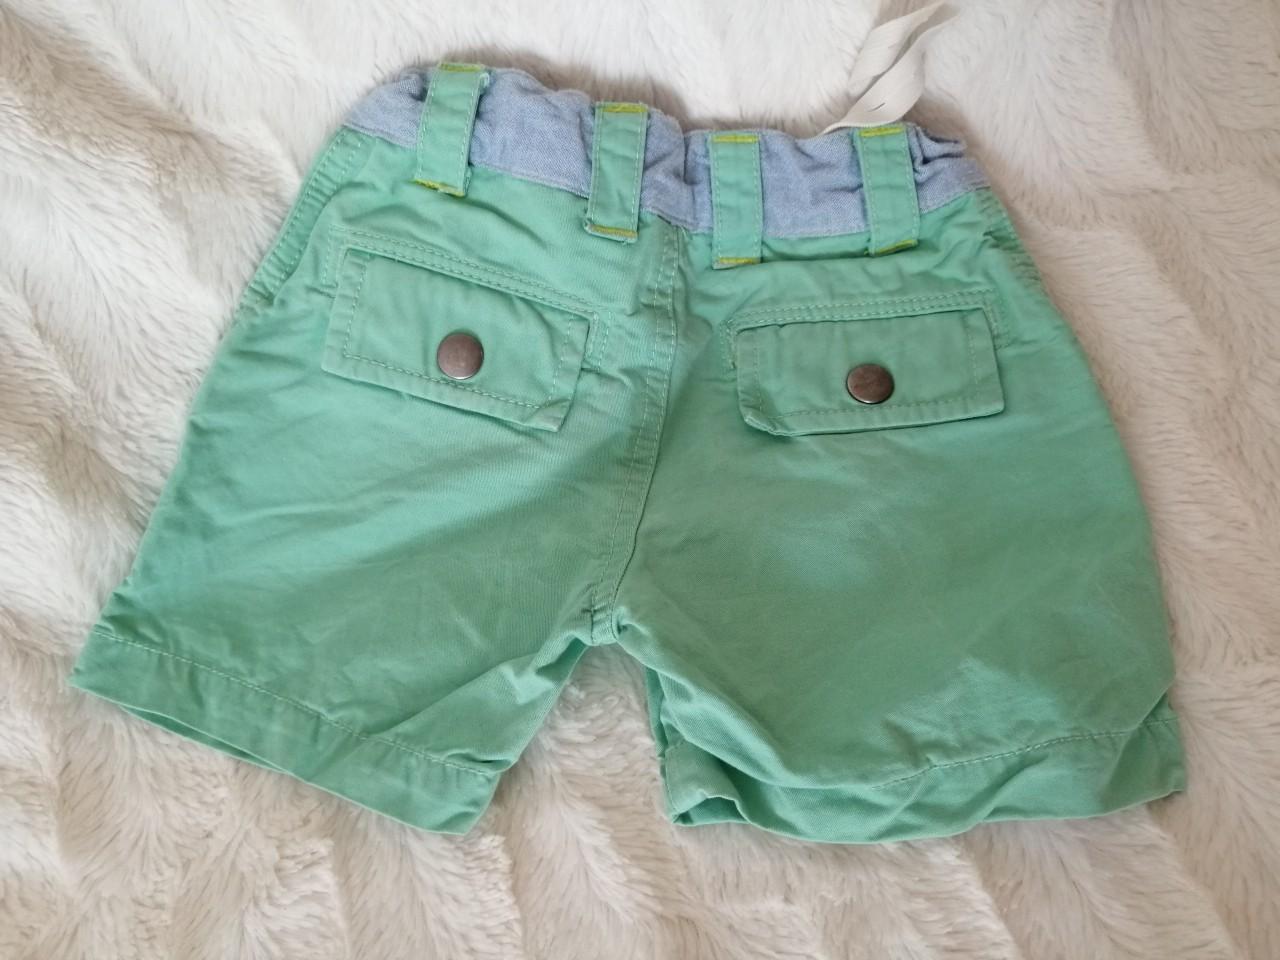 62e480485d1827 Krótkie spodenki zielone, pistacja jeans, kieszonki rozm. 74-80 2